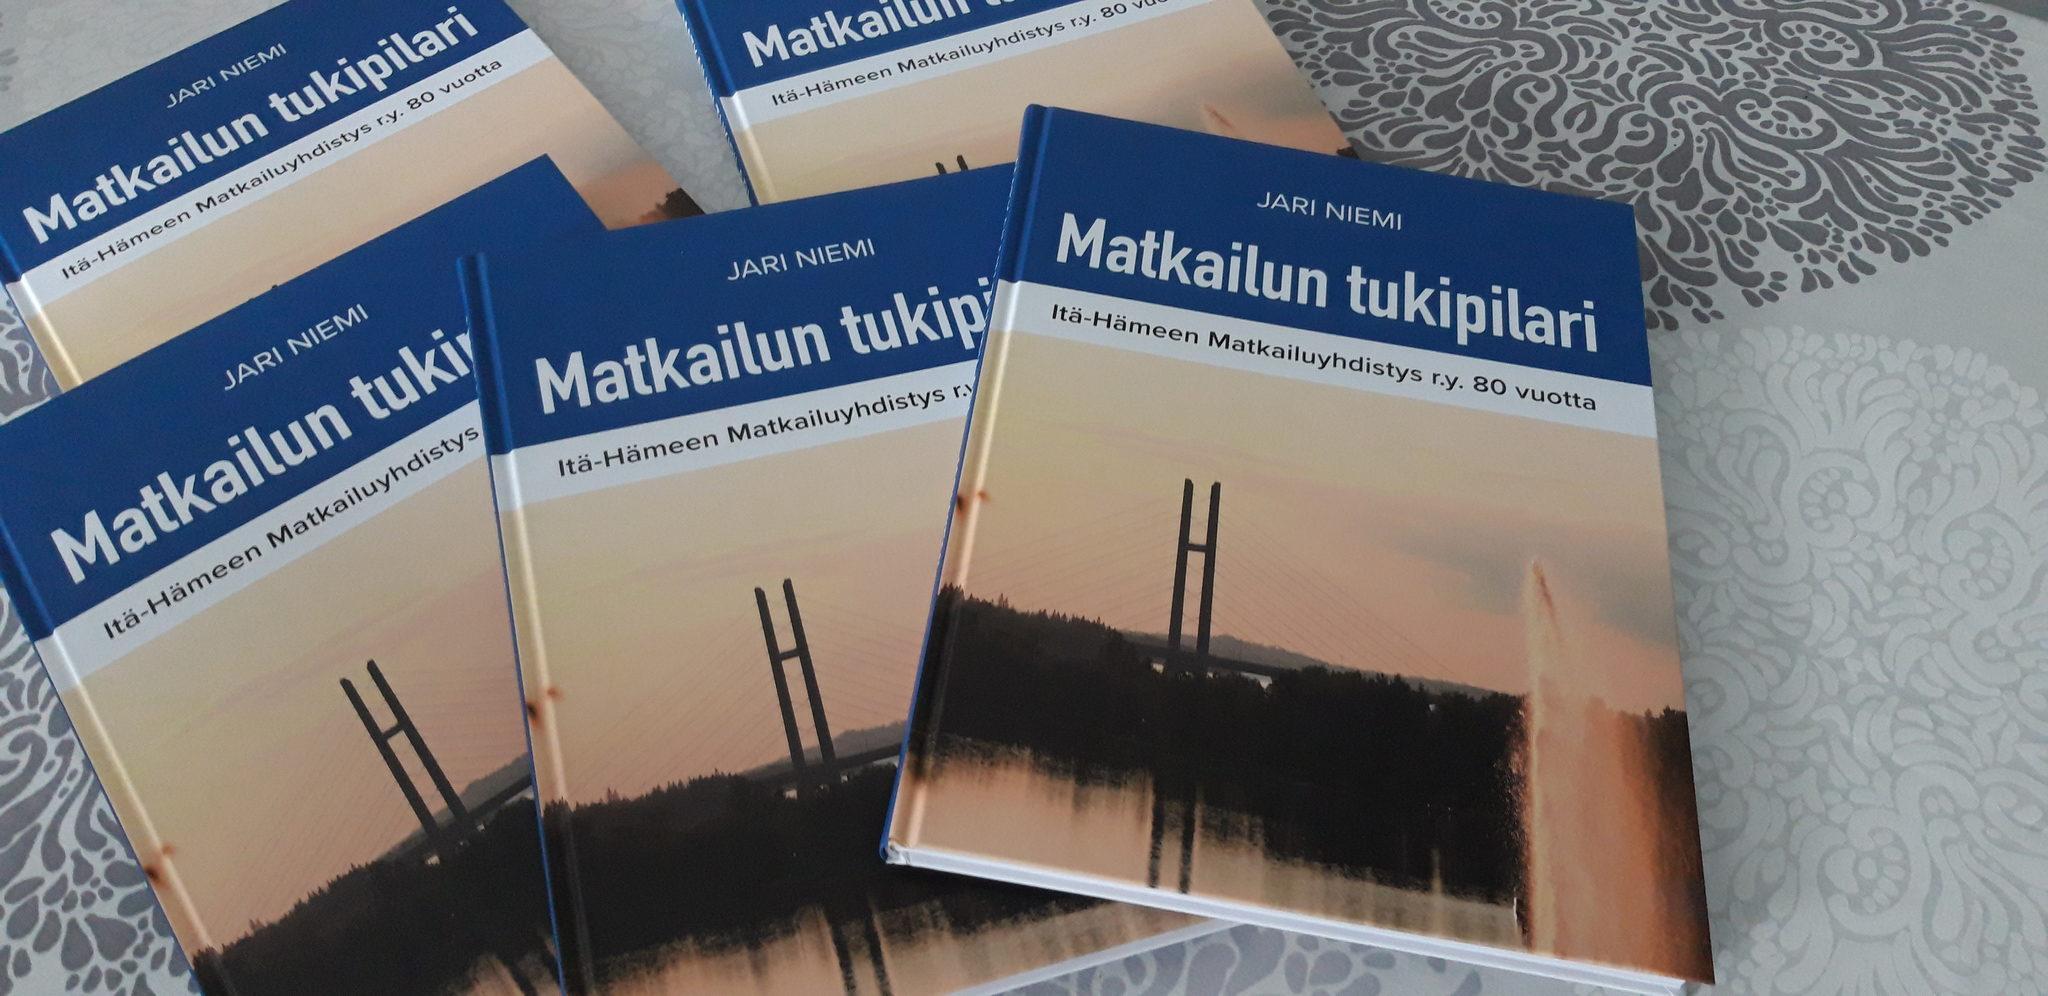 Matkailun tukipilari-Itä-Hämeen matkailuyhdistys 80 vuotta  - KIRJA